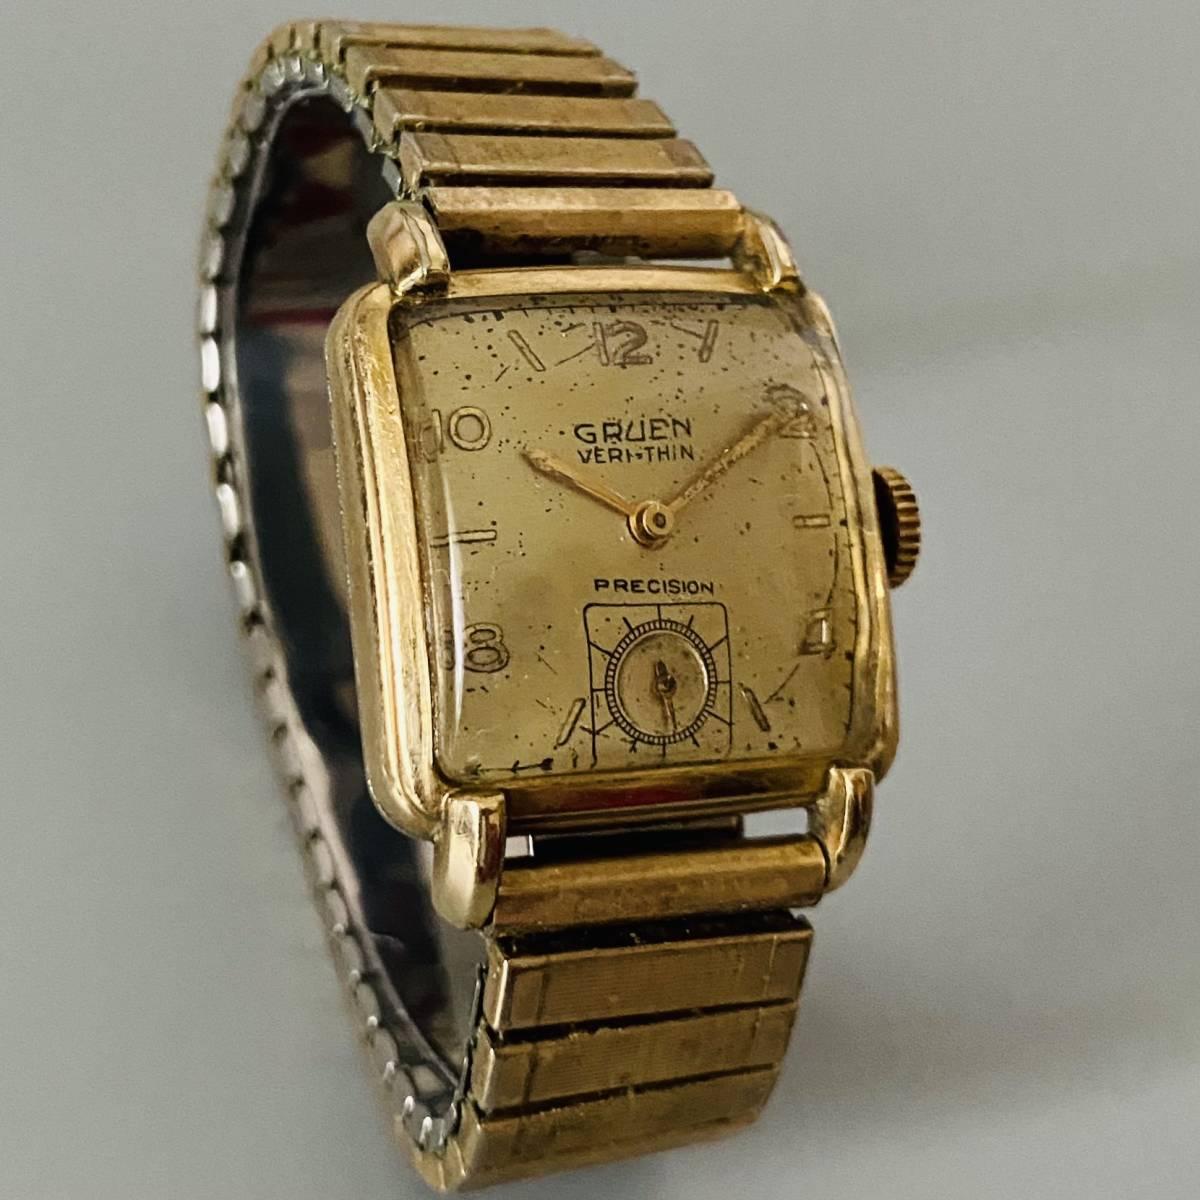 【アンティーク グリュエン】Gruen veri-thin 1940年代 スモセコ cal 425 17石 手巻き メンズ レディース ビンテージ 腕時計 スイス 訳あり_画像4